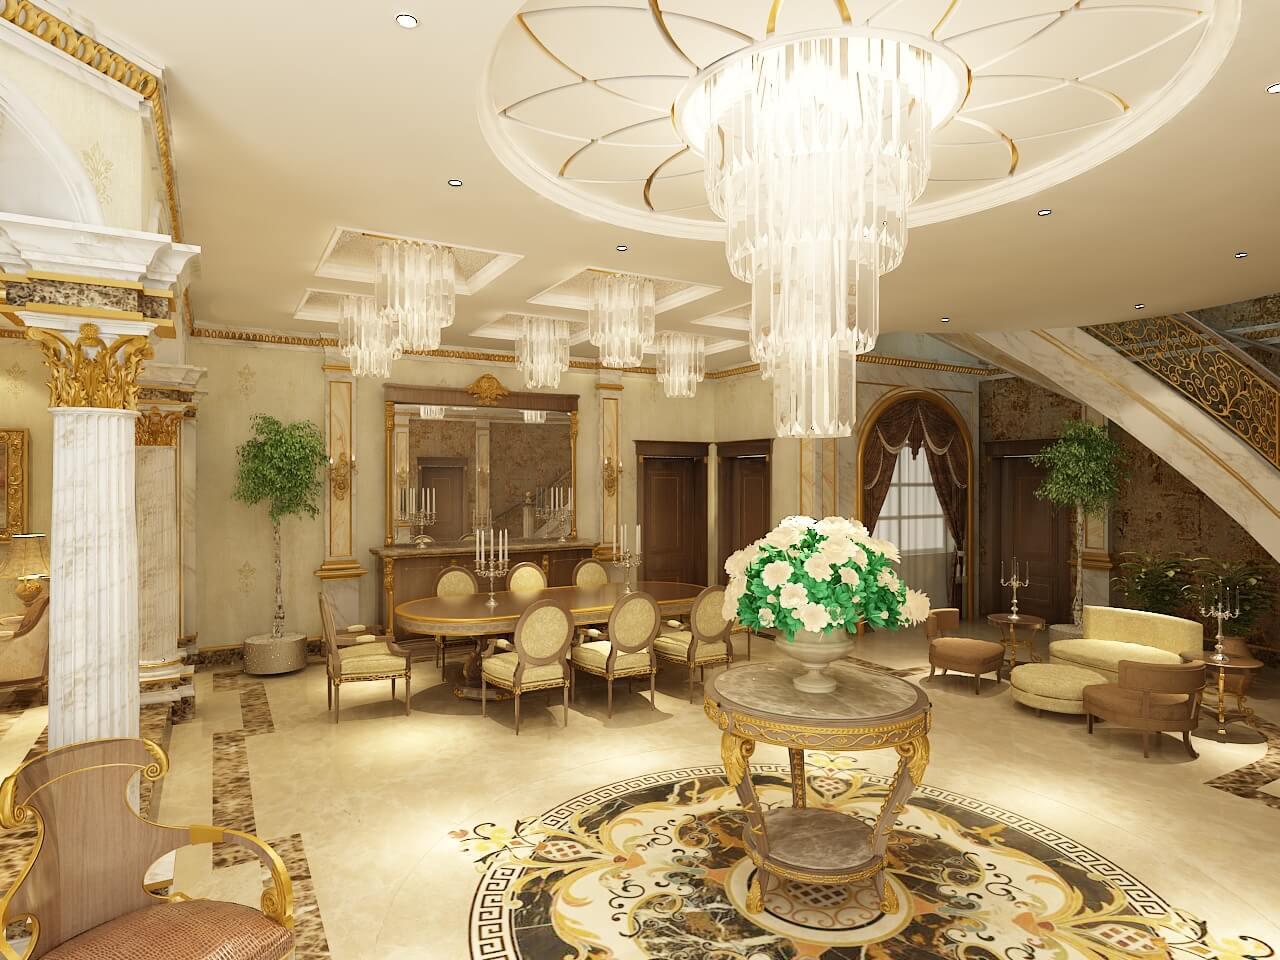 Private Villa, Emirates Hills - 4